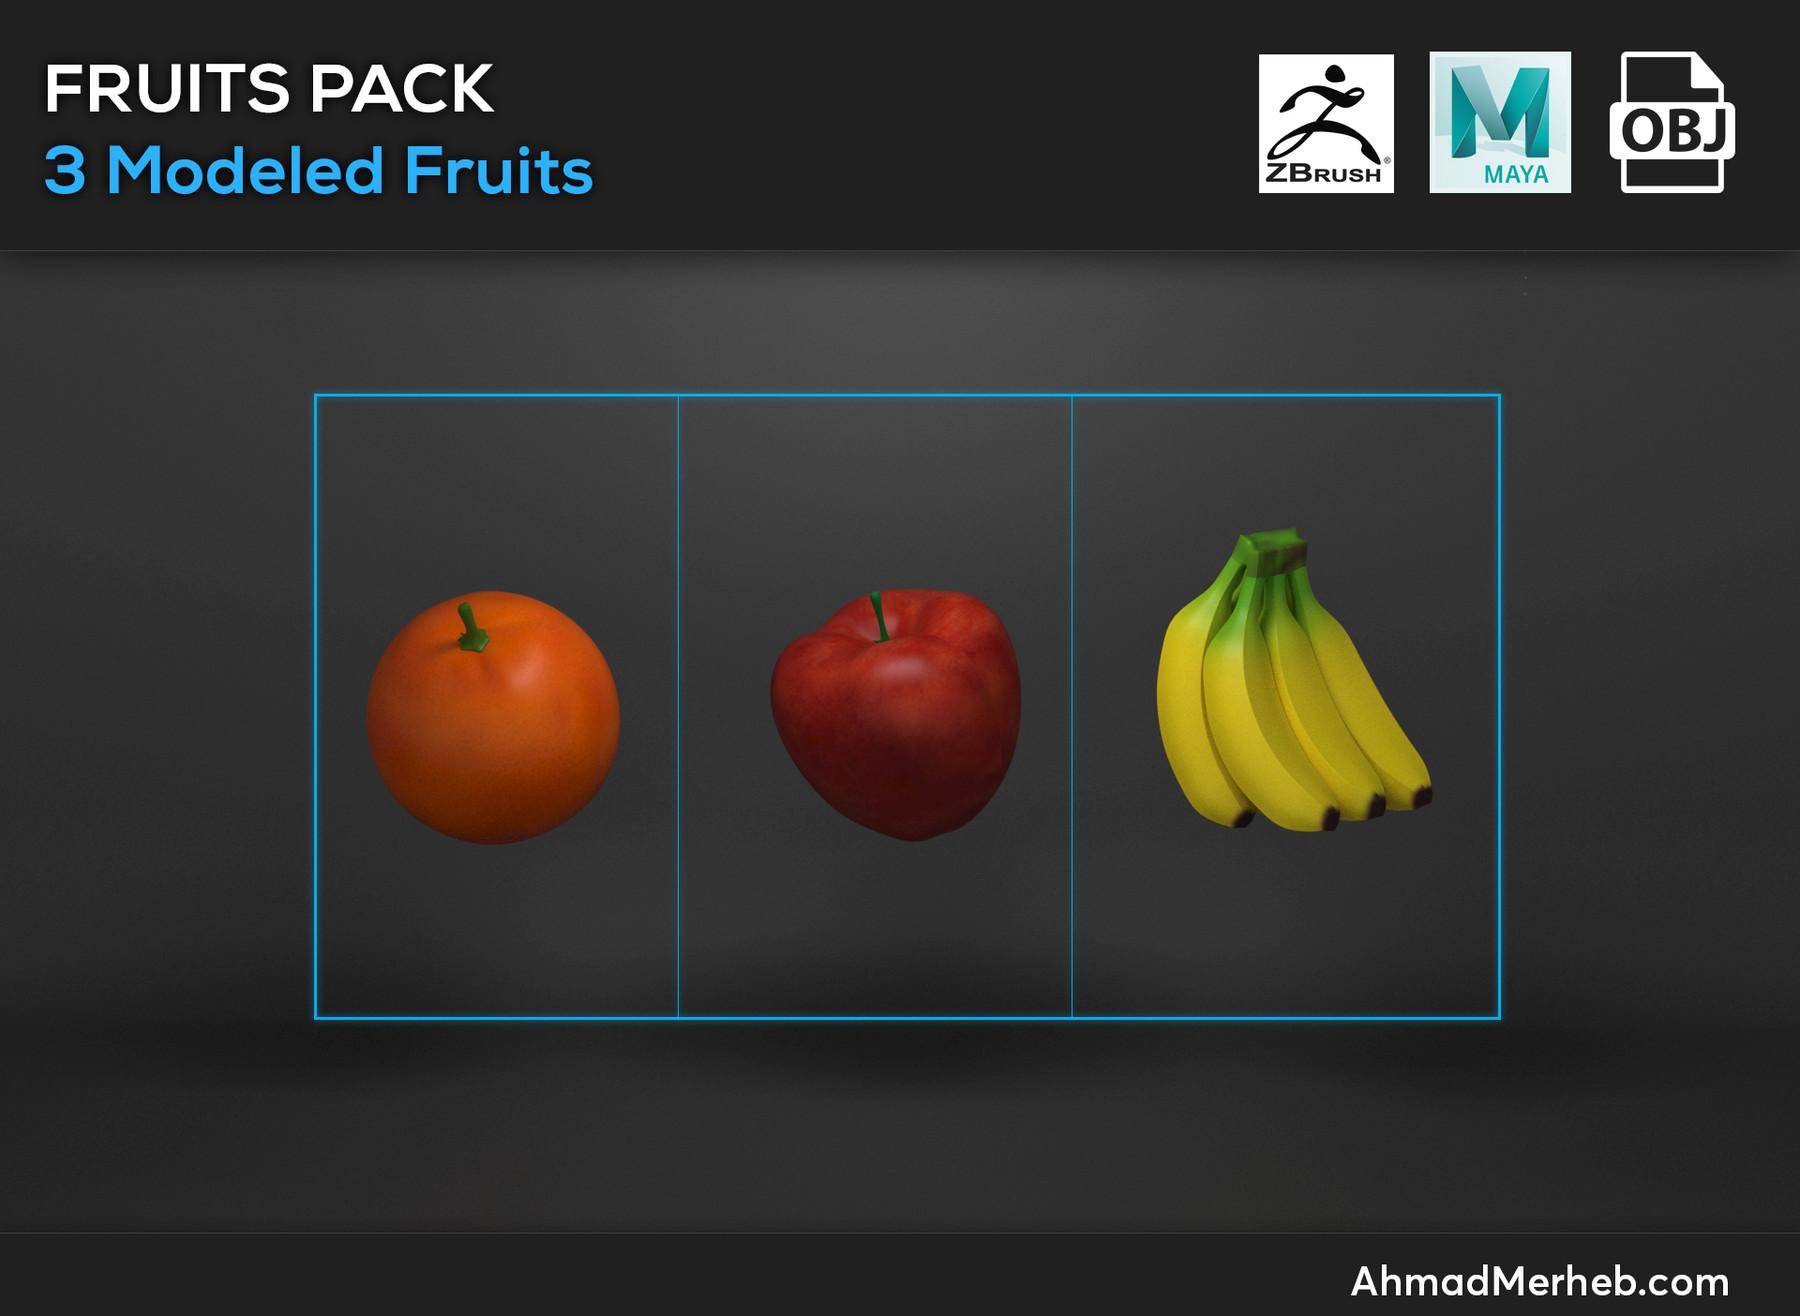 Fruitspack